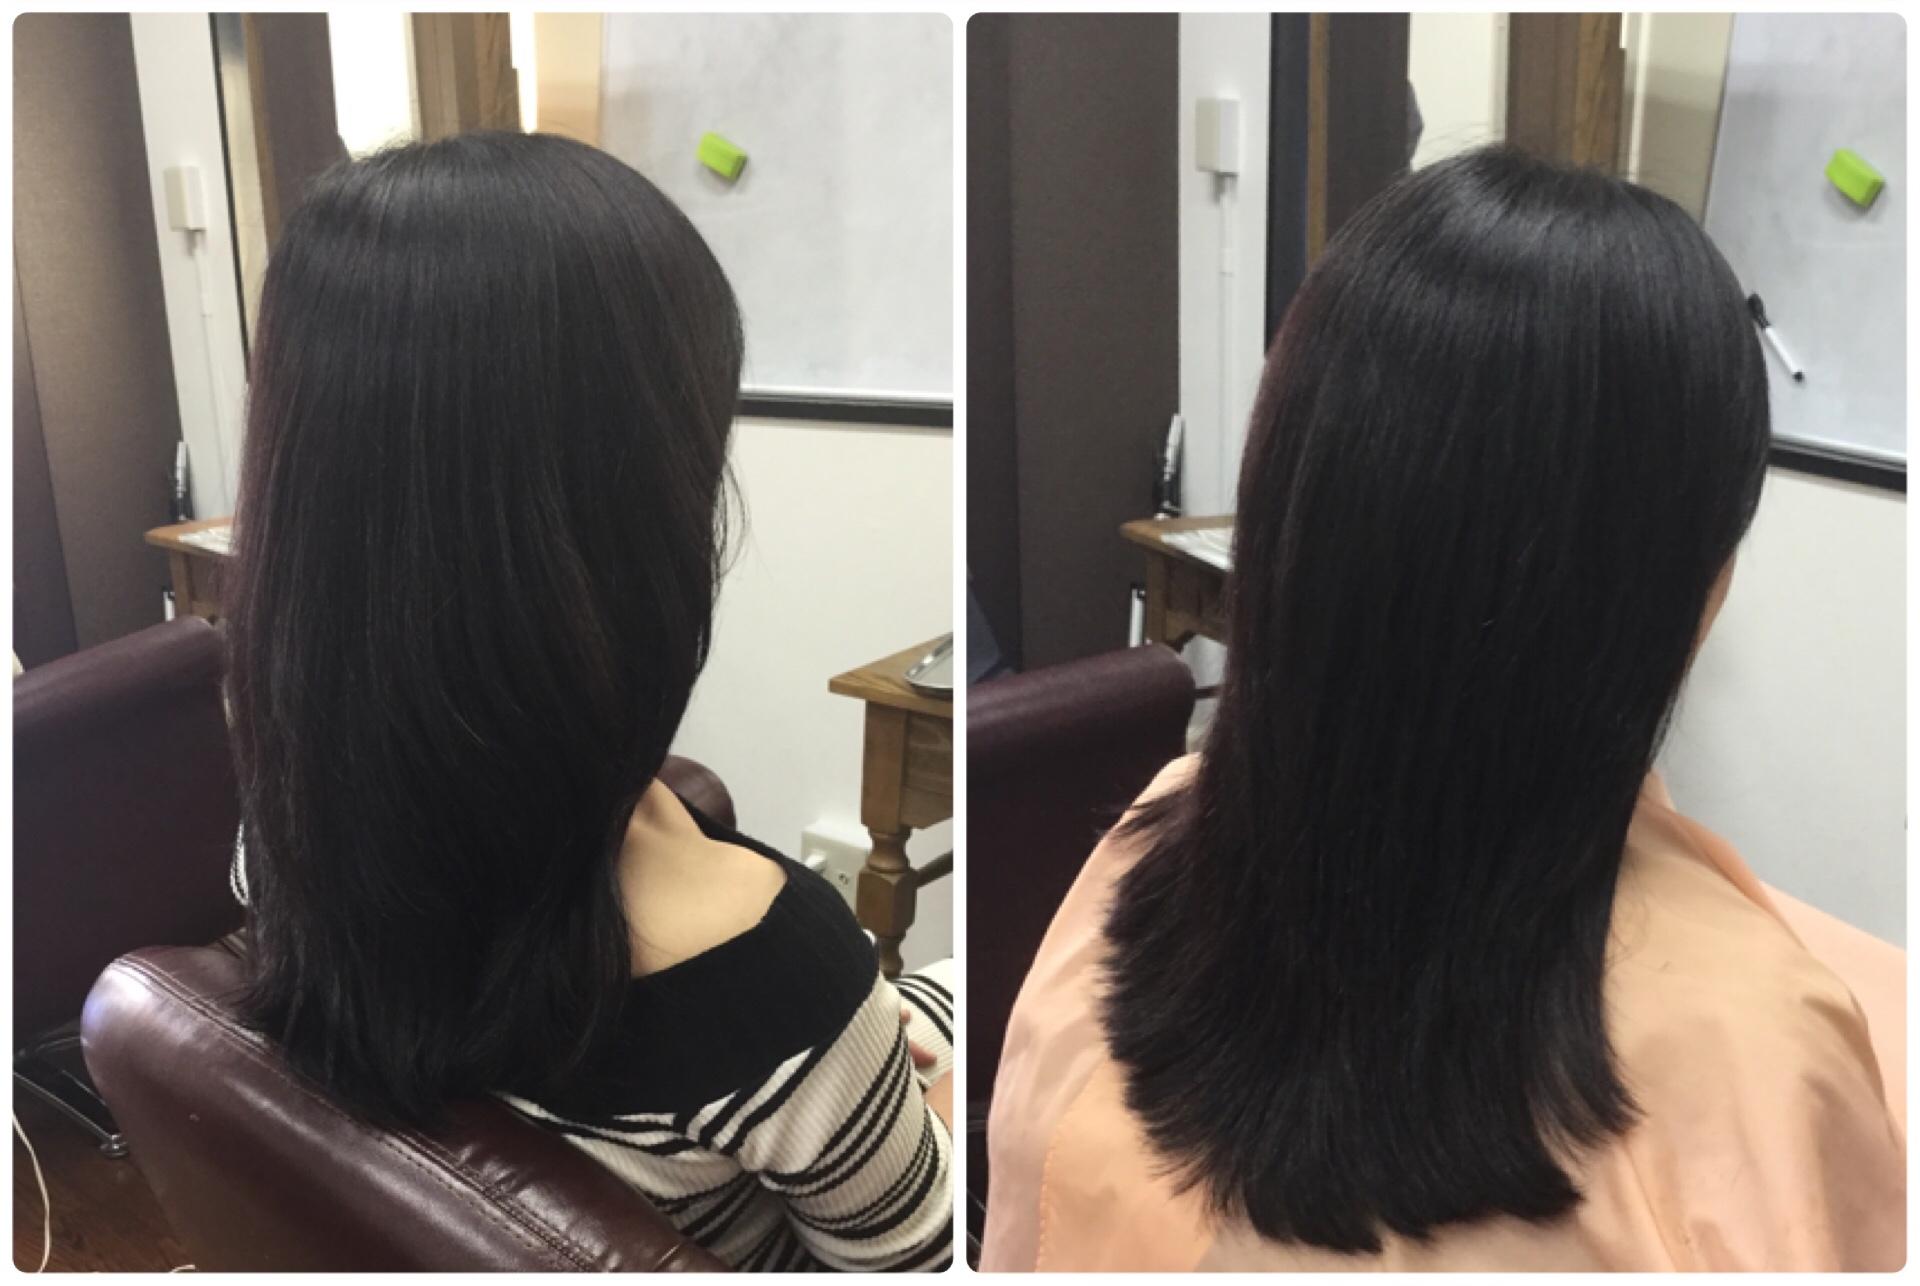 1ジアミンフリーな天然100%熟成ヘナで白髪染め神戸岡本くせ毛専門美容室アバディ